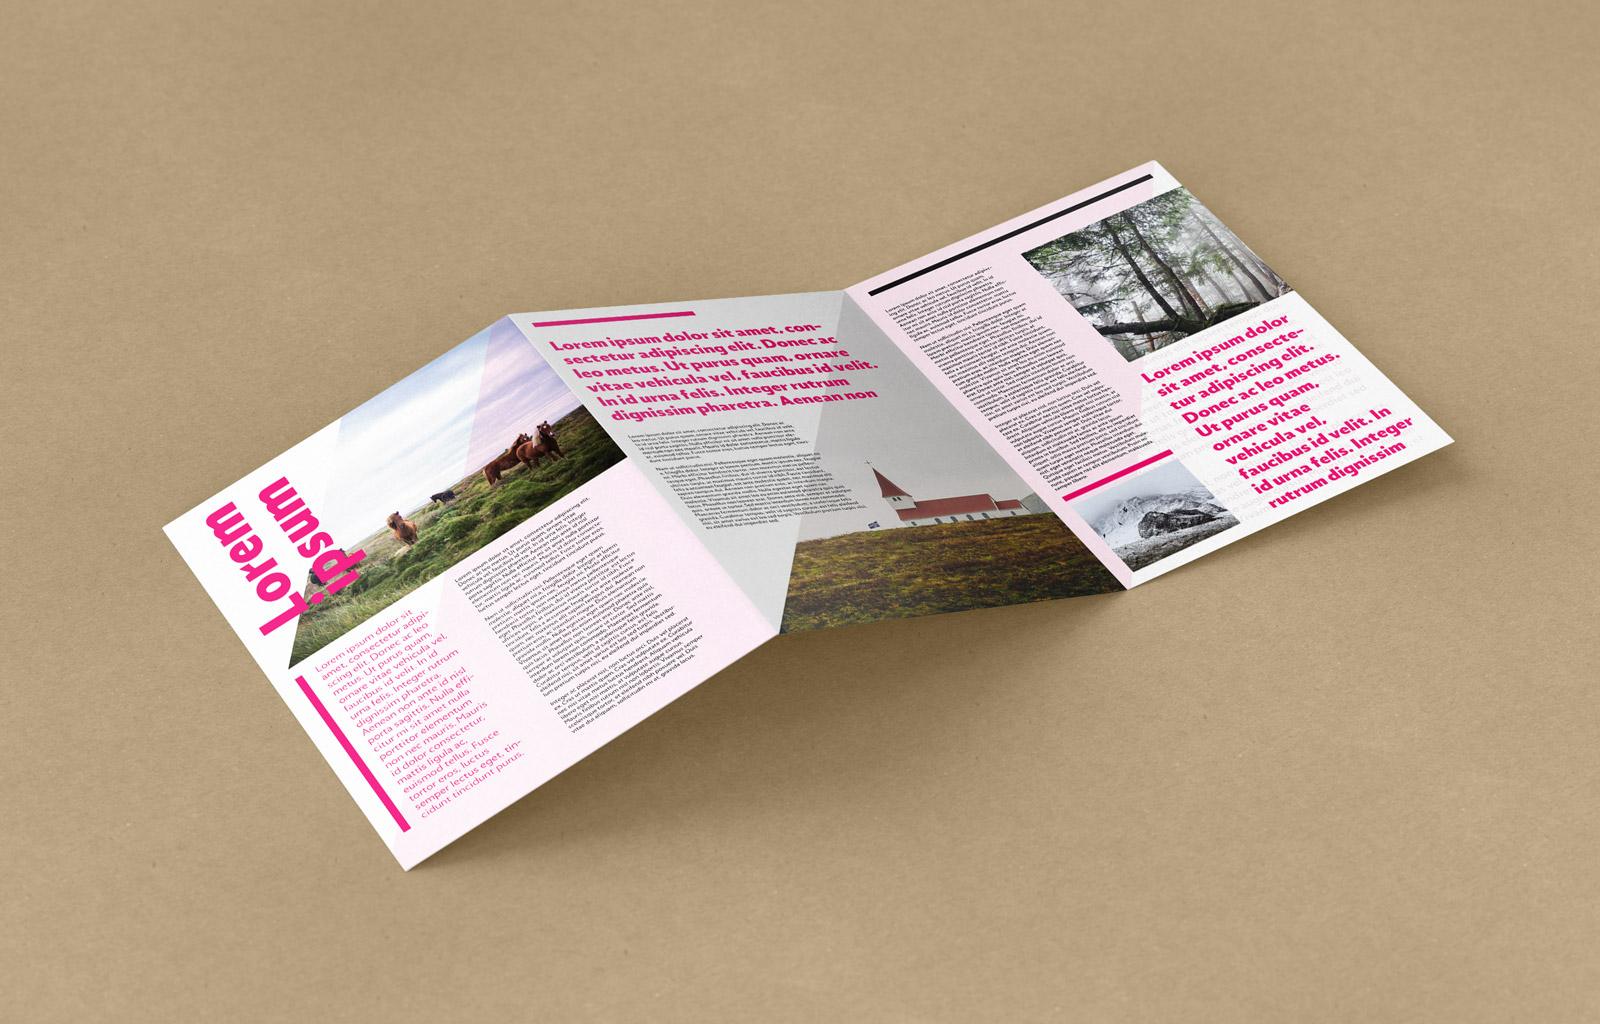 Free-Tri-Fold-A4-Brochure-Mockup-PSD-4